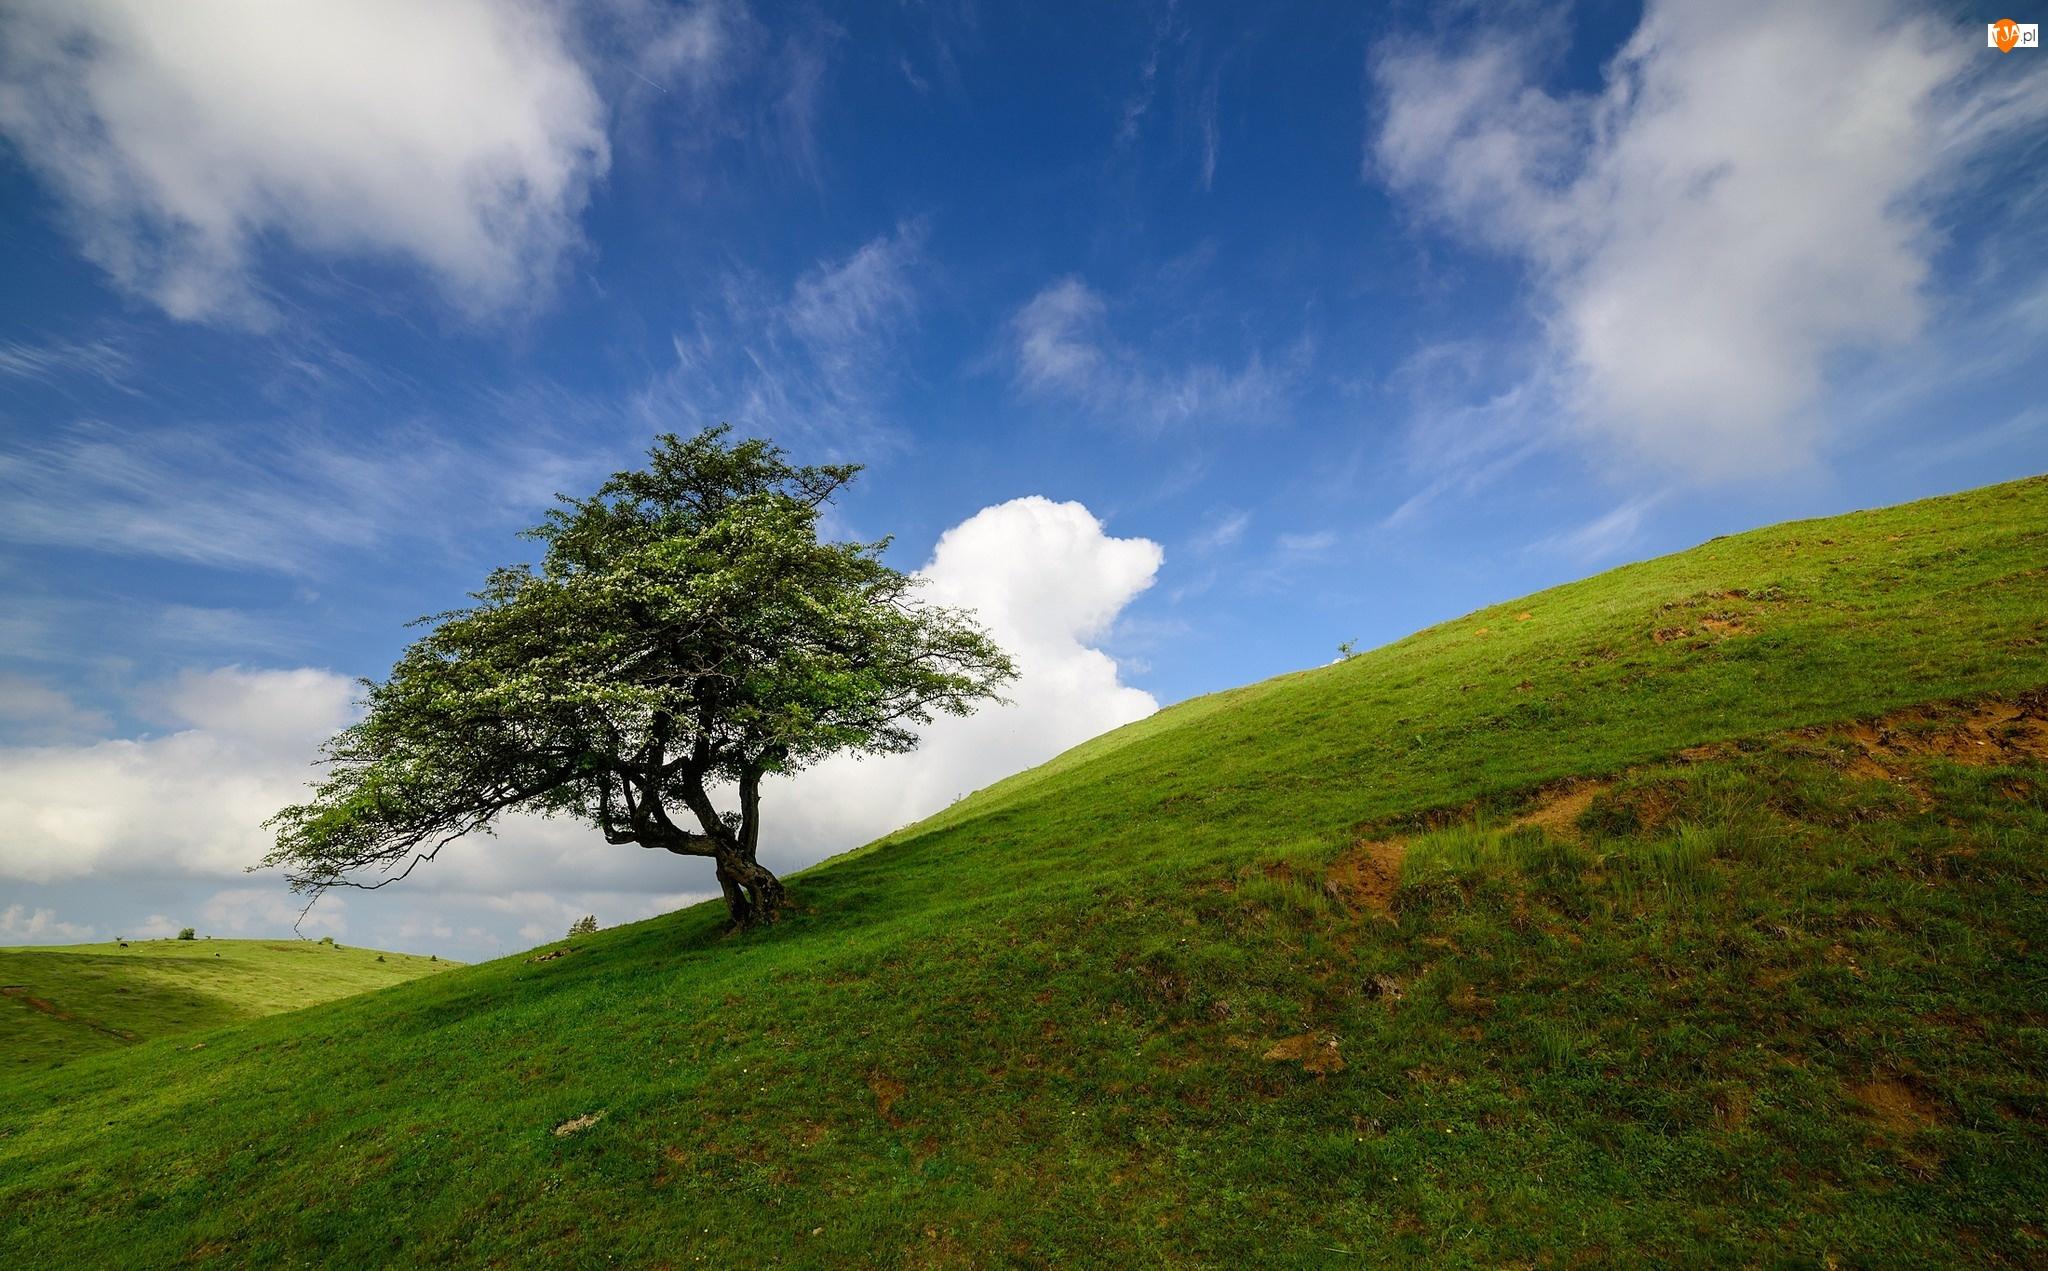 Drzewo, Pole, Wzgórze